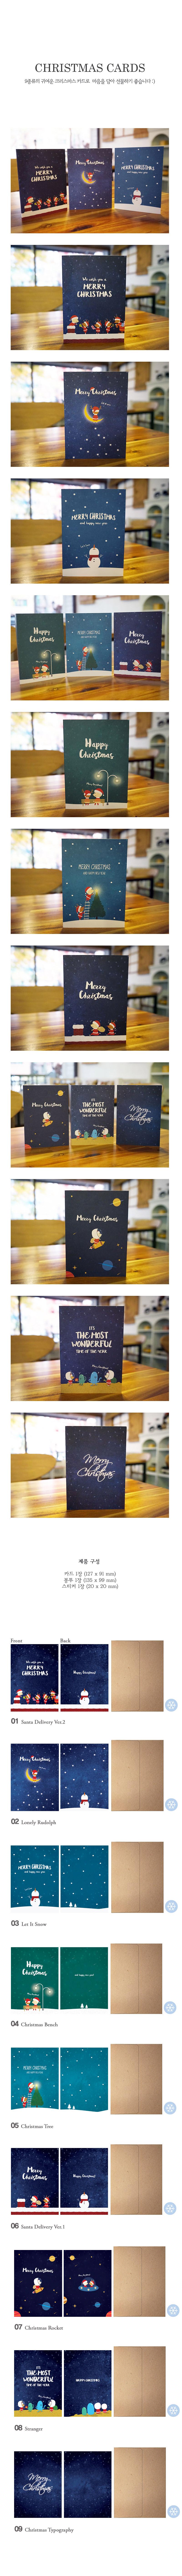 듄앤듄 Christmas Cards - 듄앤듄, 1,200원, 카드, 크리스마스 카드